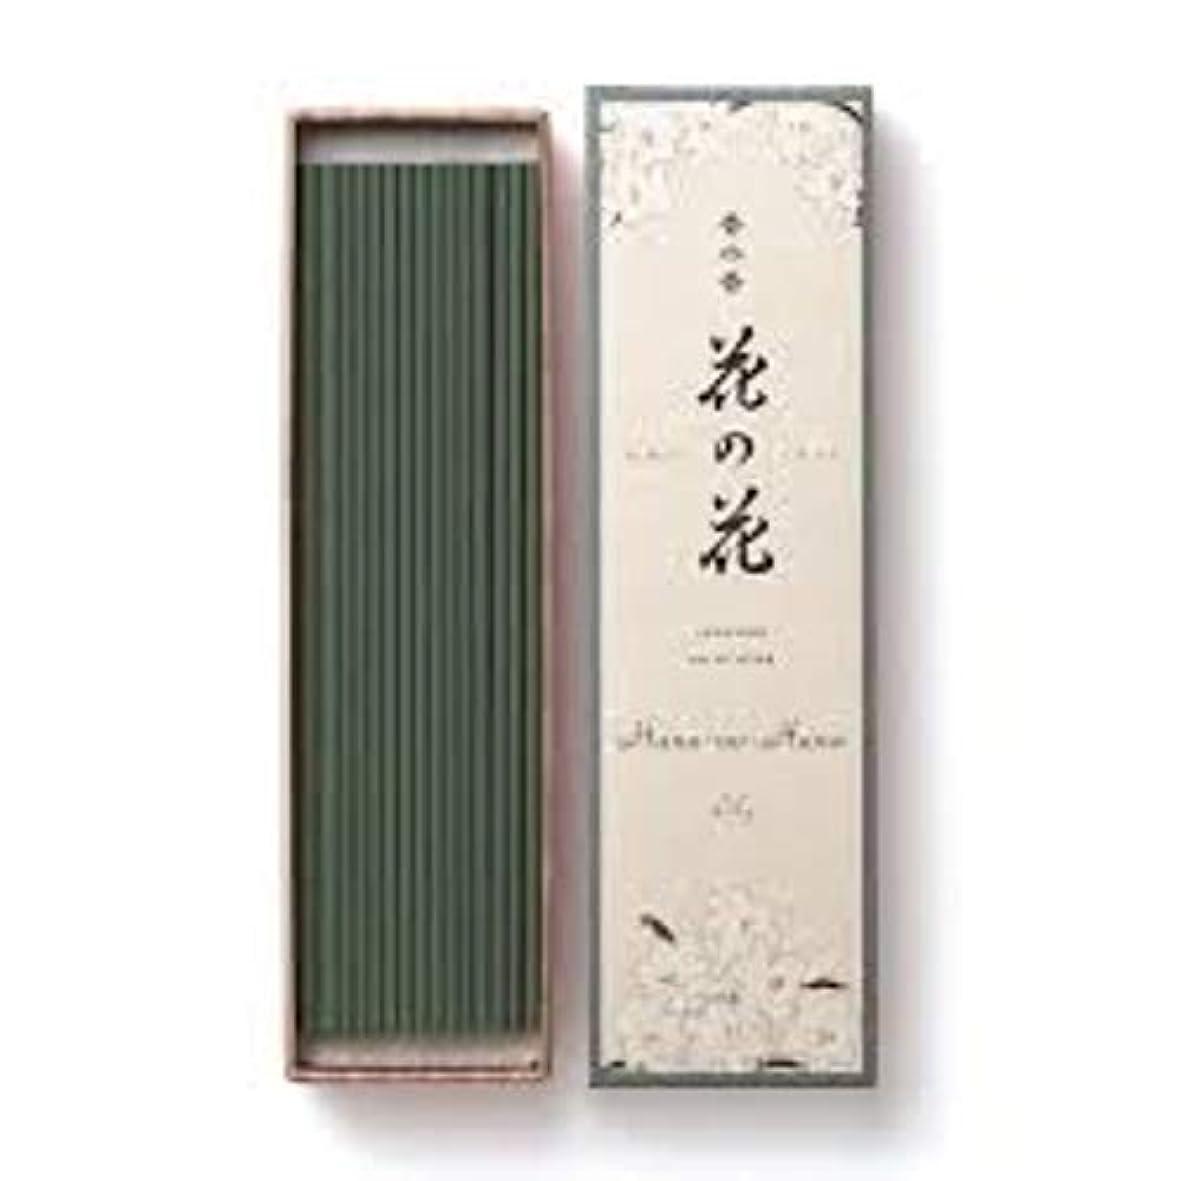 る地雷原保守的お香 香水香花の花 ゆり 長寸40本入(30006)